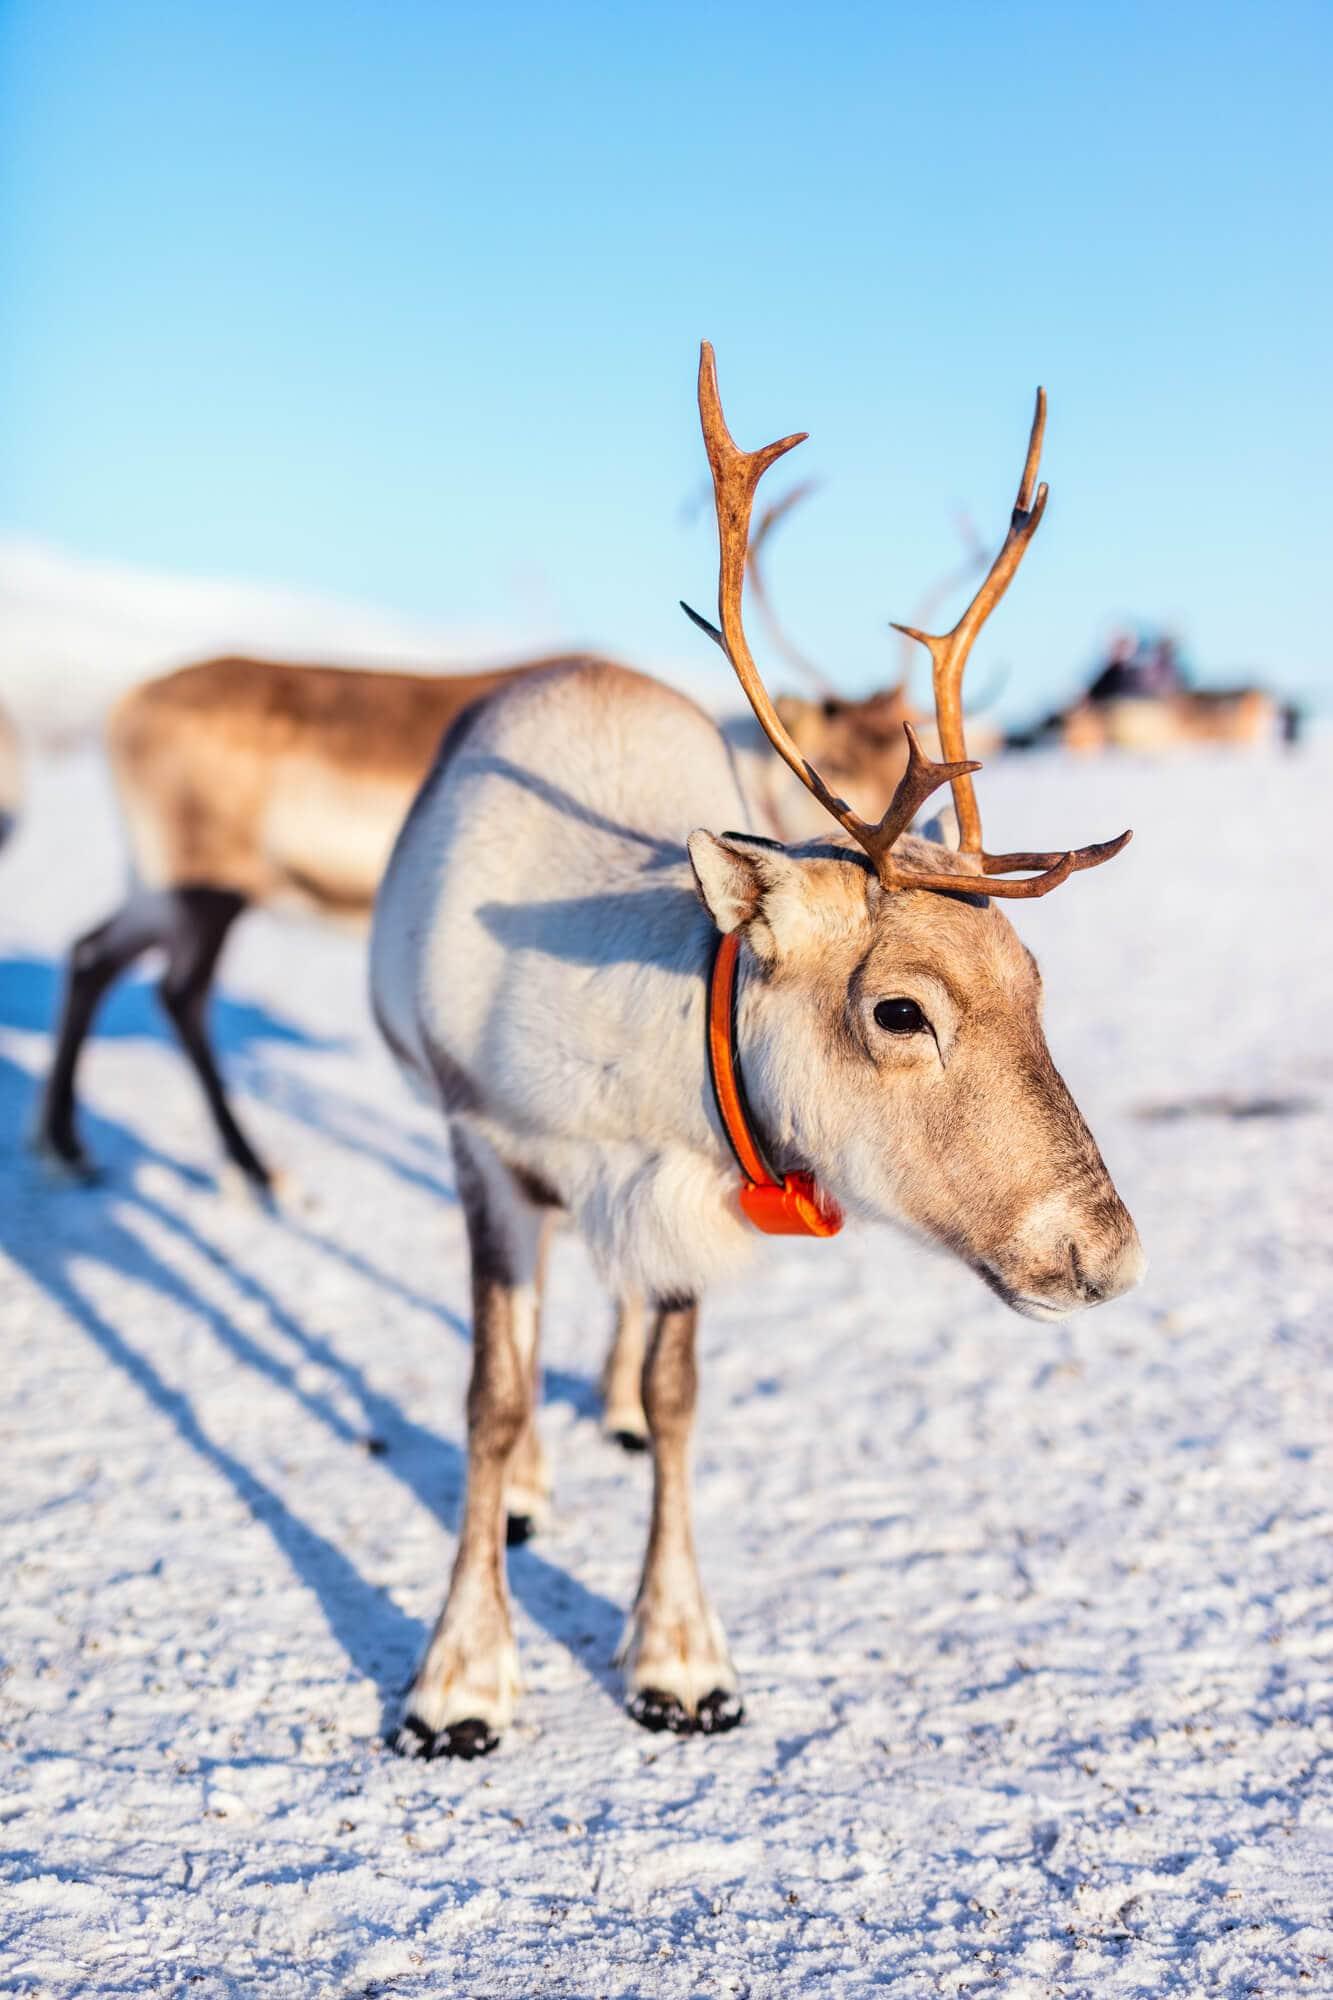 Top things to do in Norway - Reindeer in northern Norway